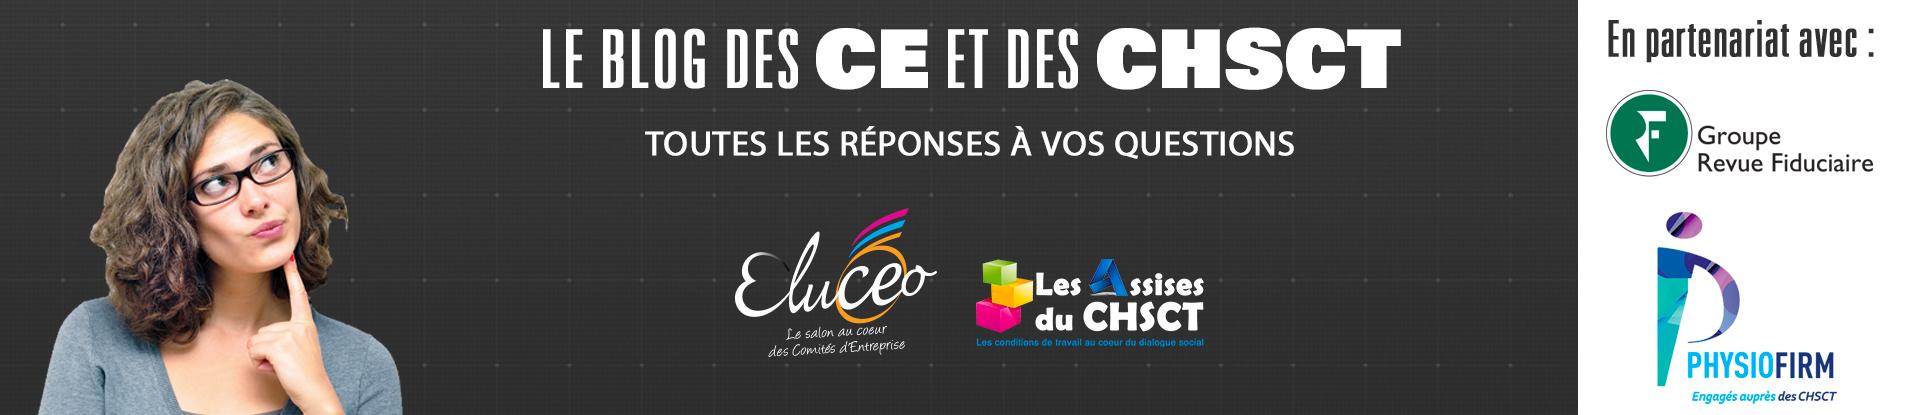 Blog des Comités d'Entreprise et des CHSCT